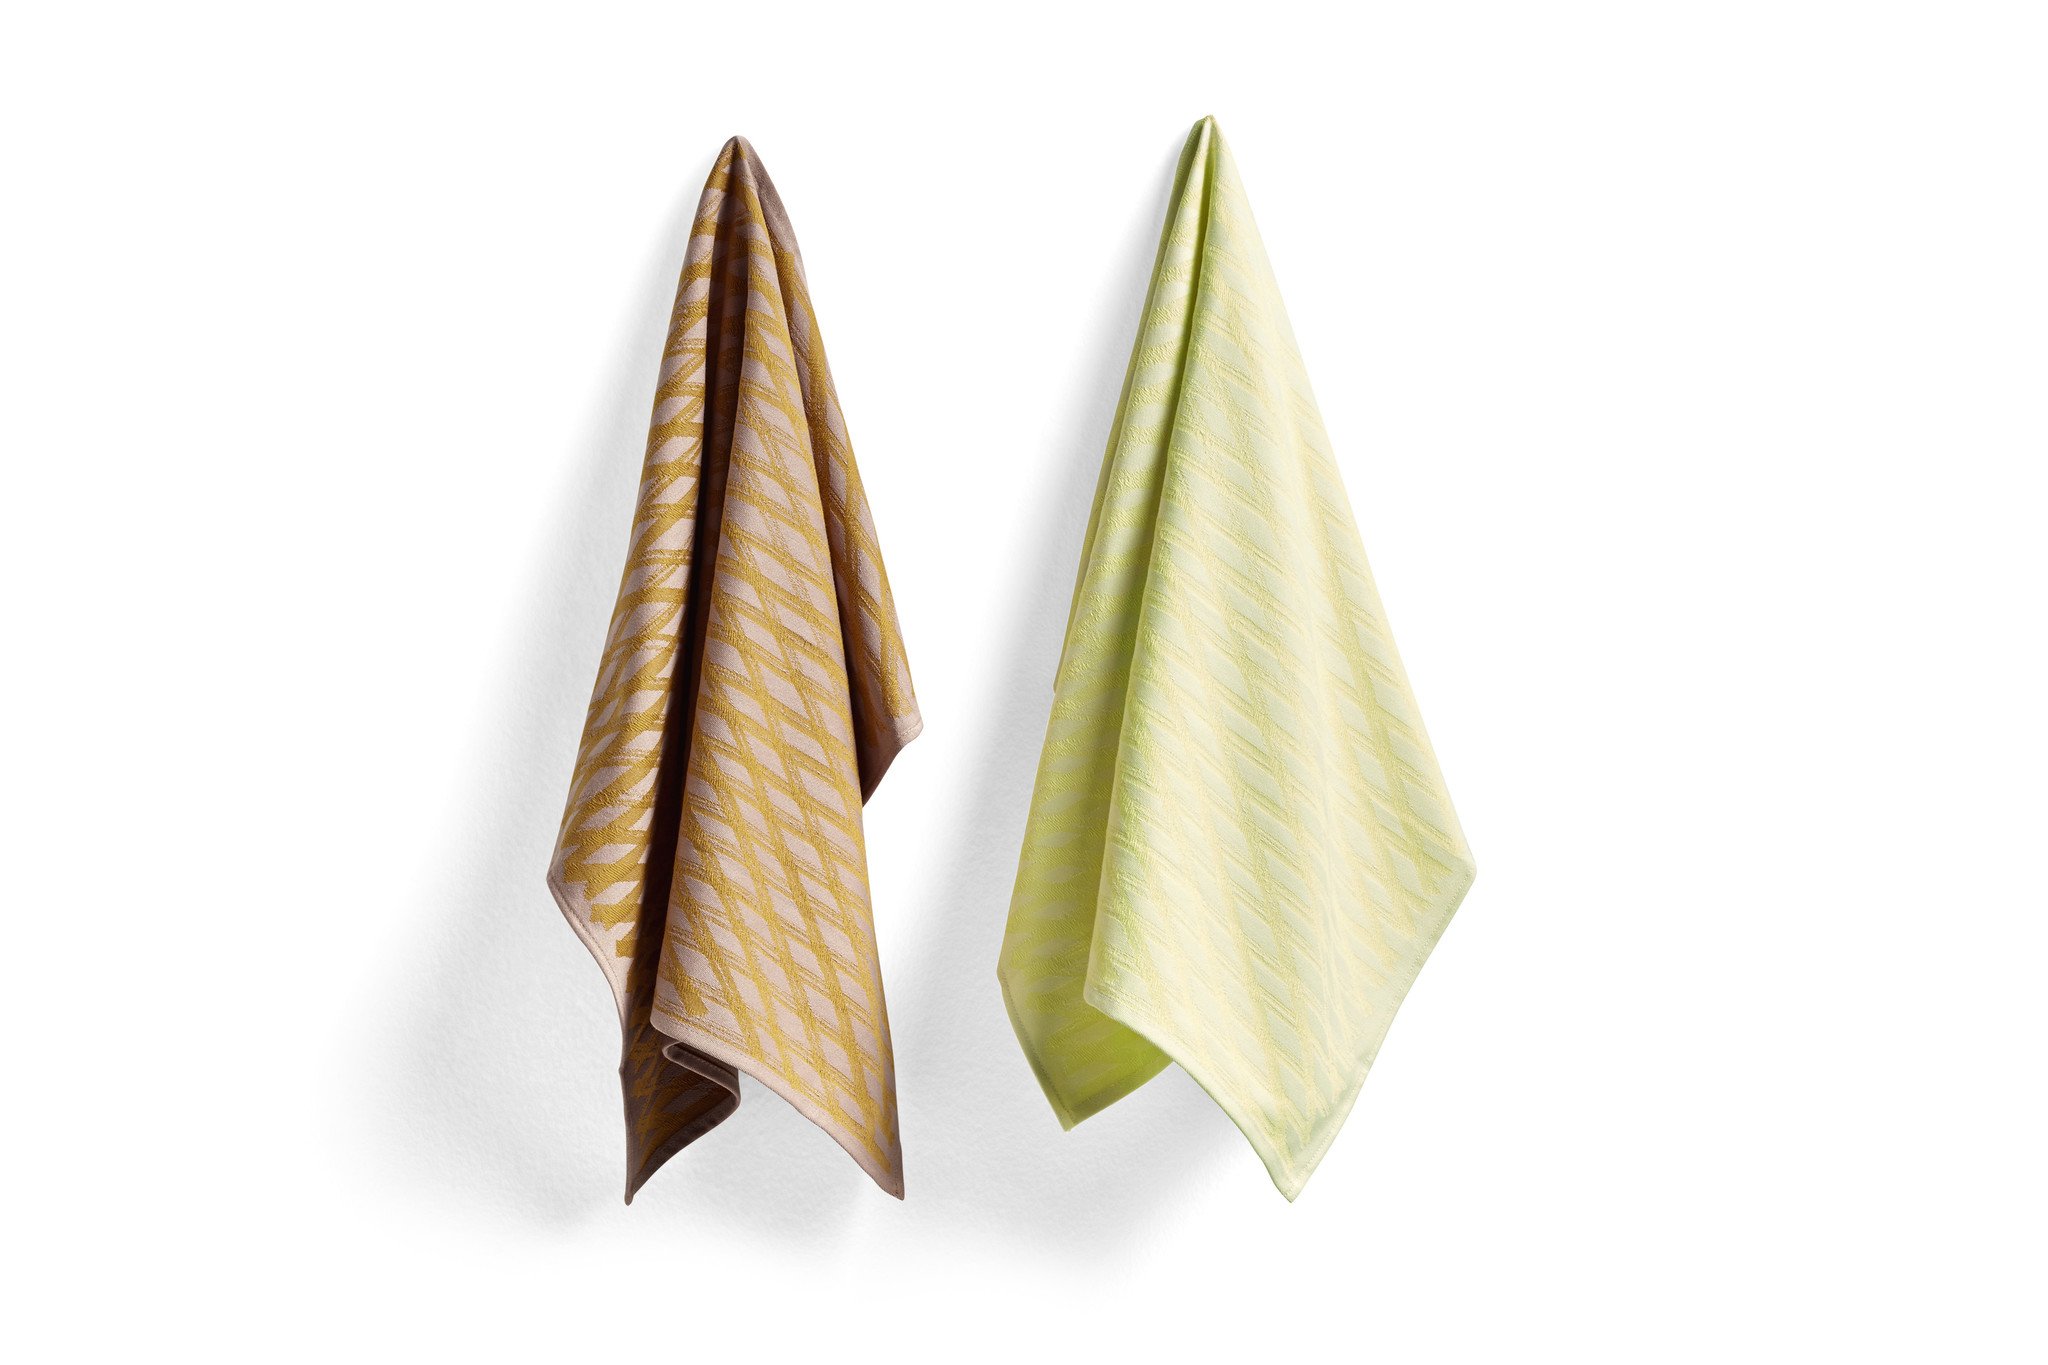 Tea towel S&B 2 Pcs.-2